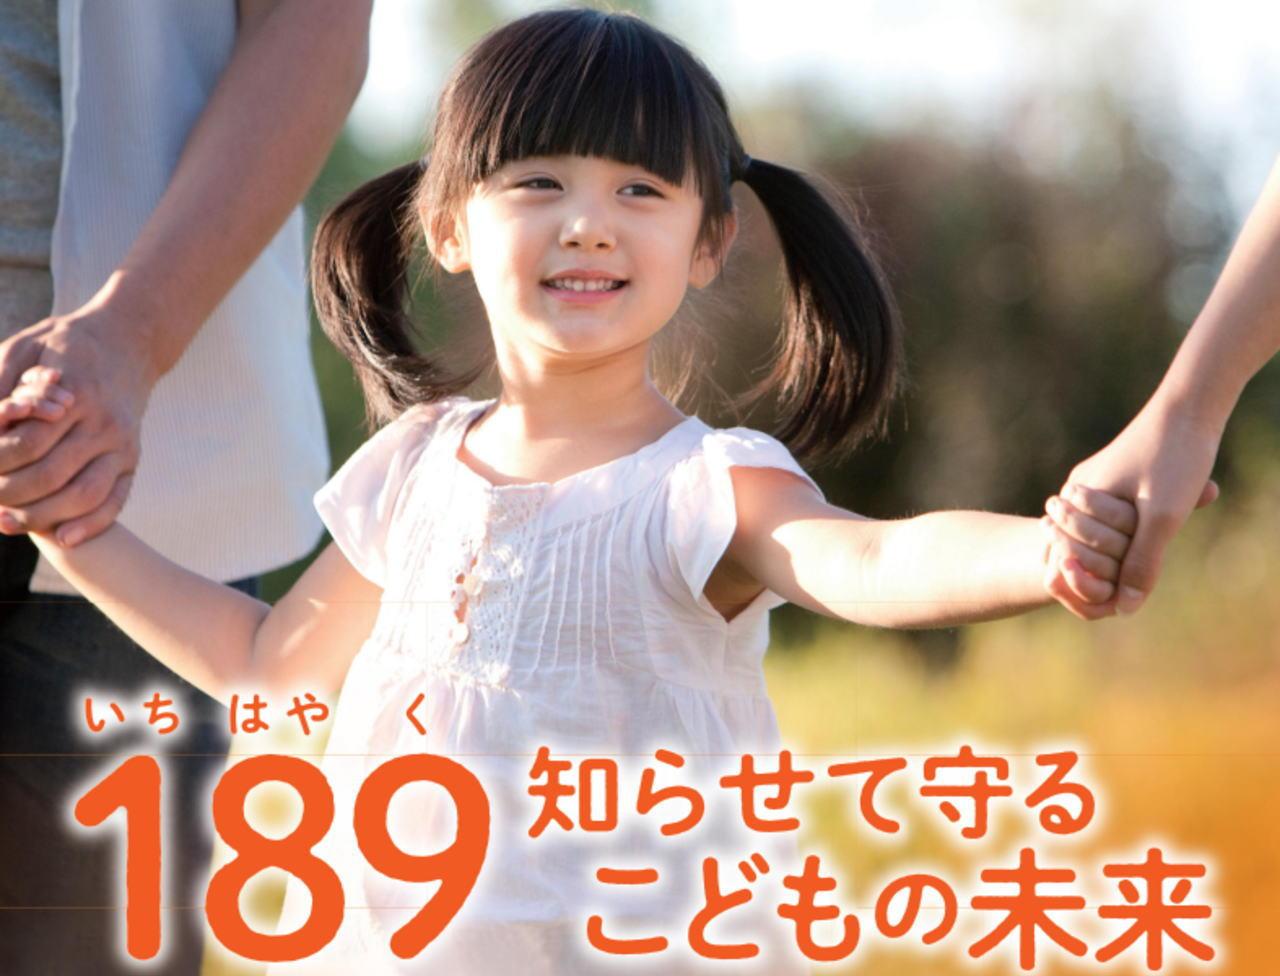 児童虐待防止月間